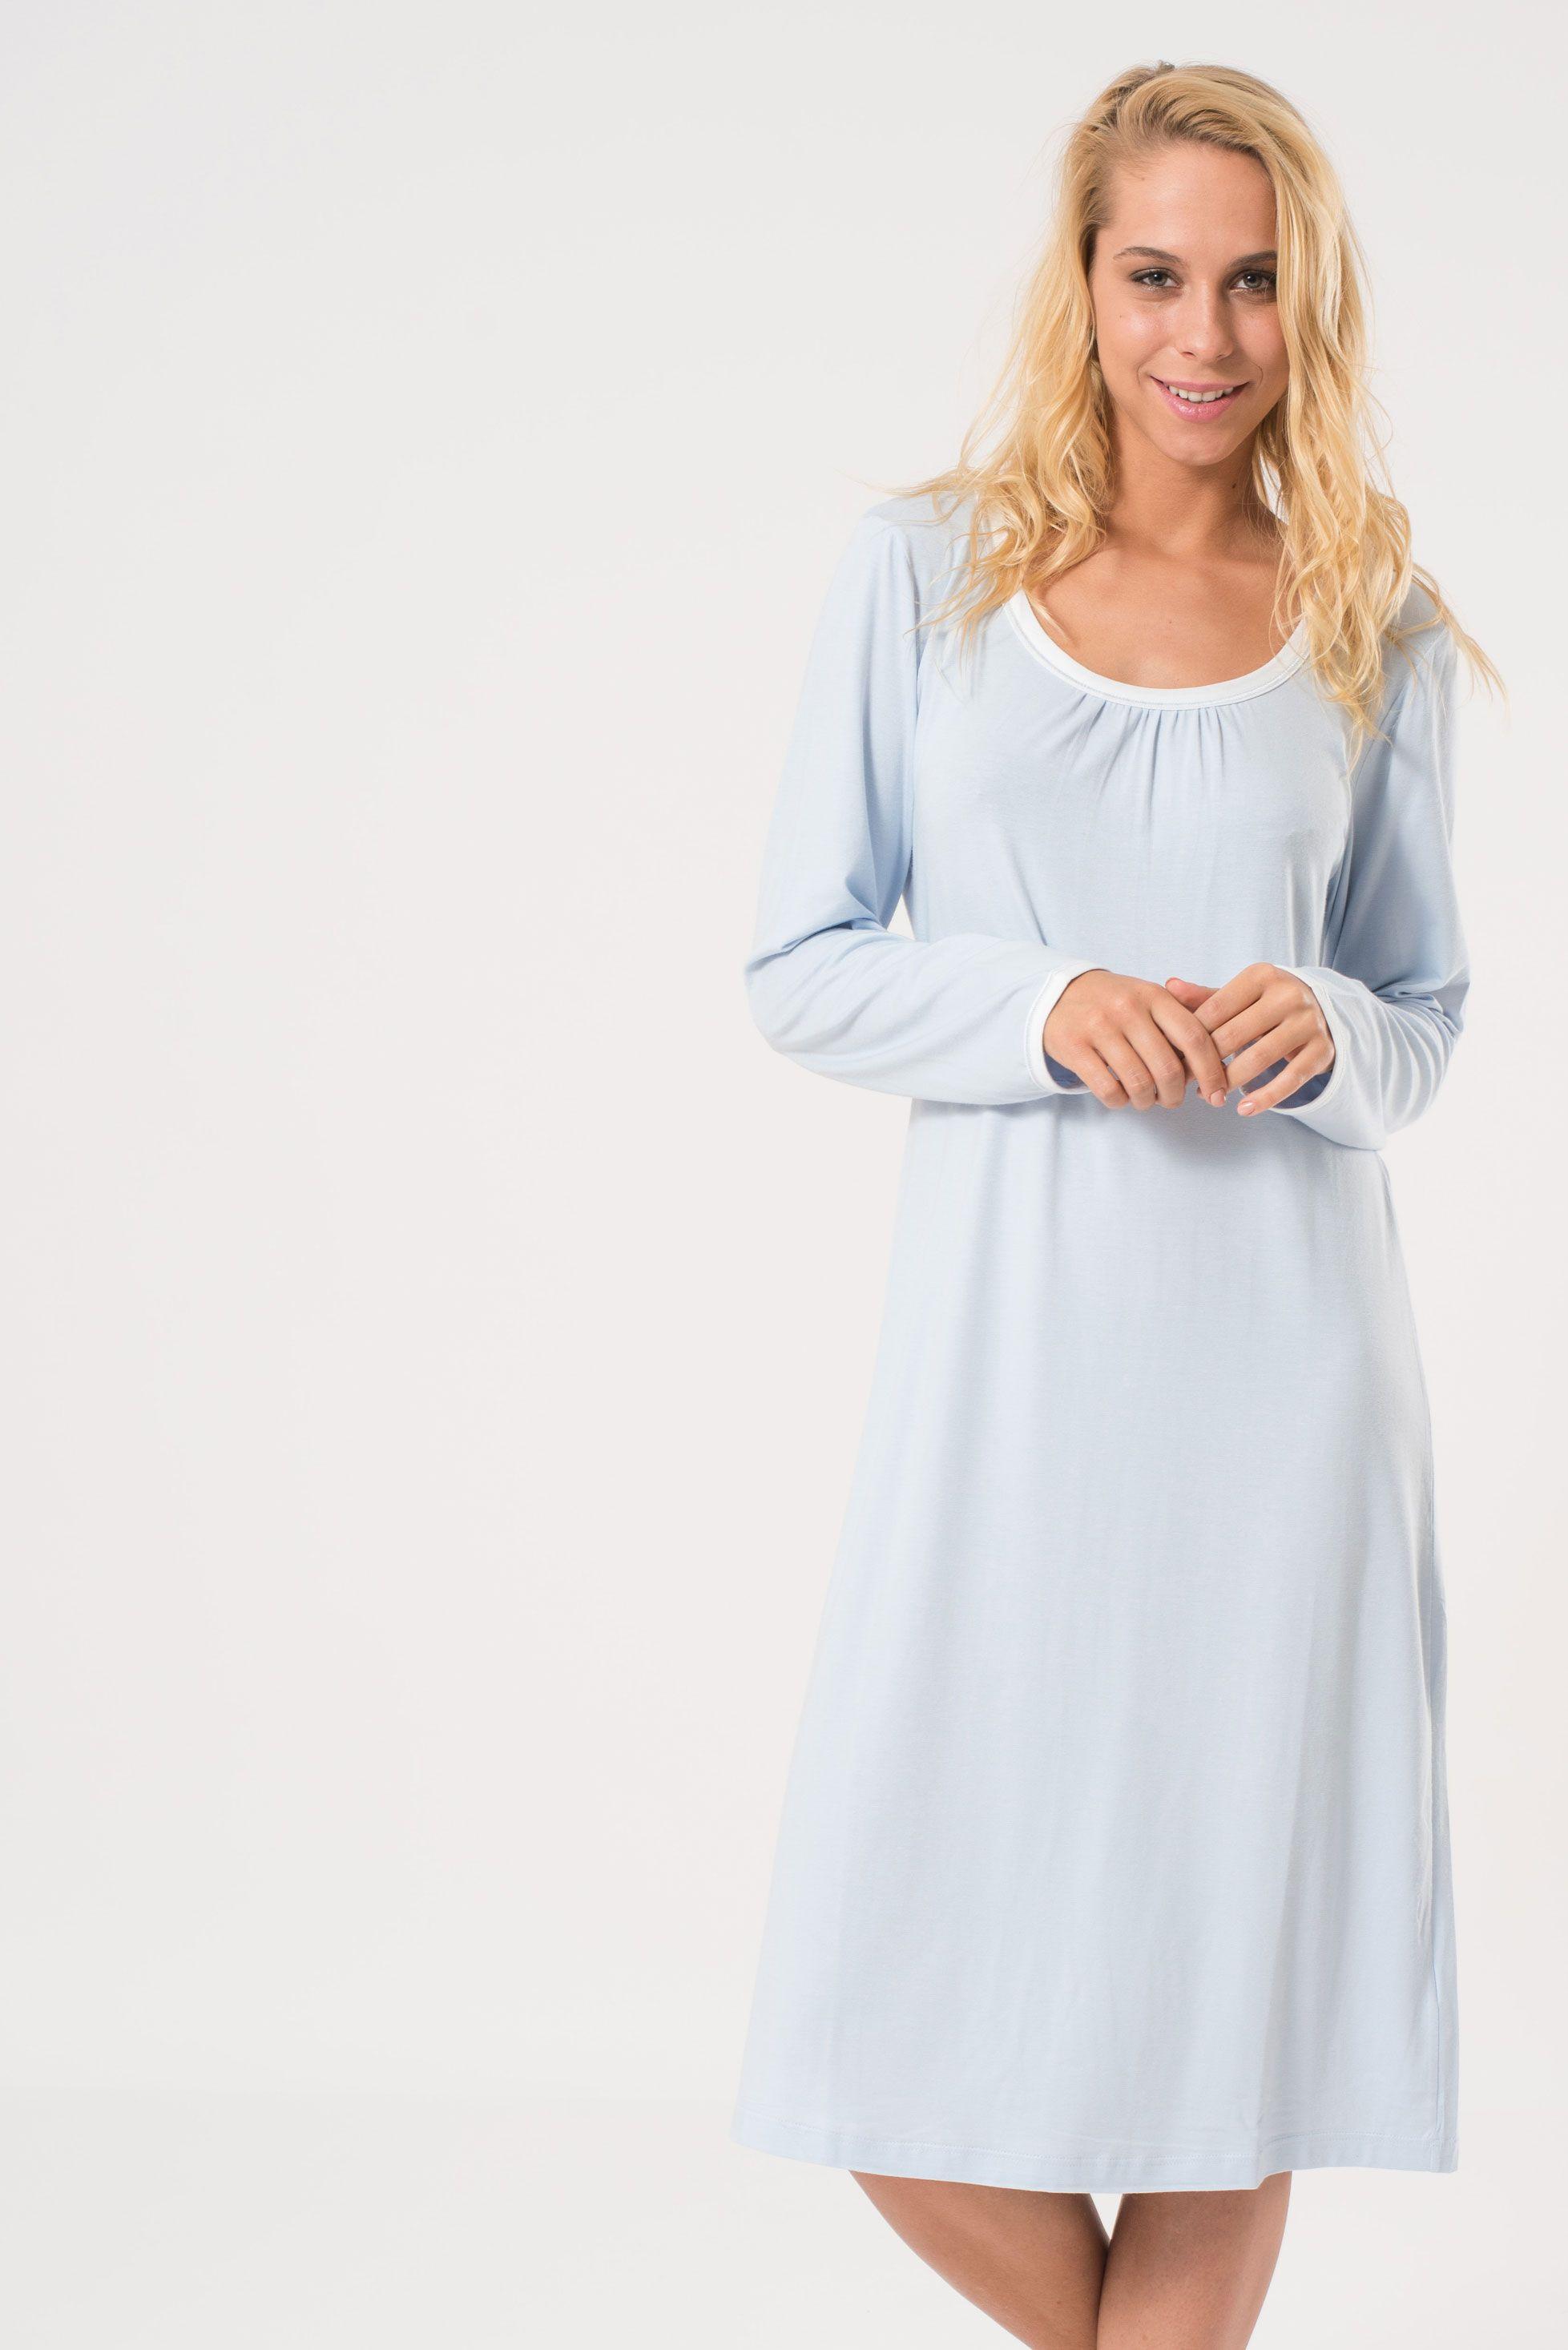 542a5addd4 Belmanetti női hálóing, a stílusos kényelem | Női pizsama | Dresses ...